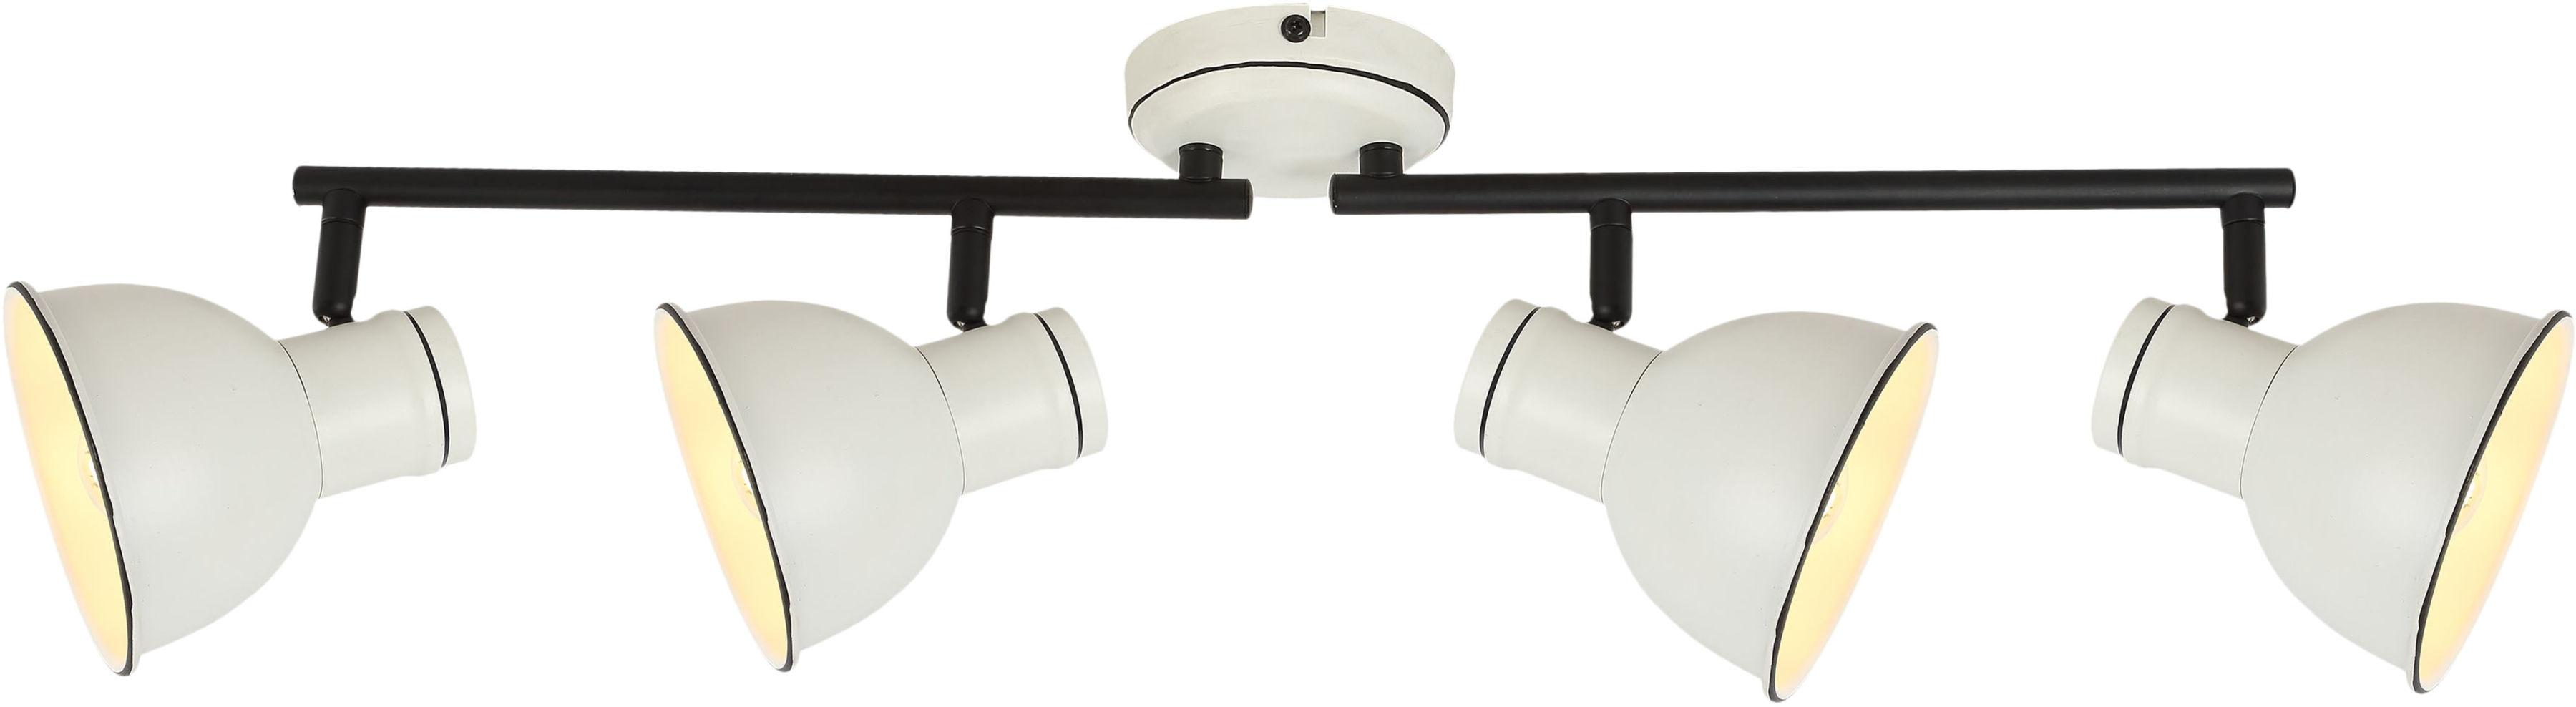 Candellux ZUMBA 94-72153 plafon lampa sufitowa listwa klosz metal biały czarny 4X40W E14 75 cm